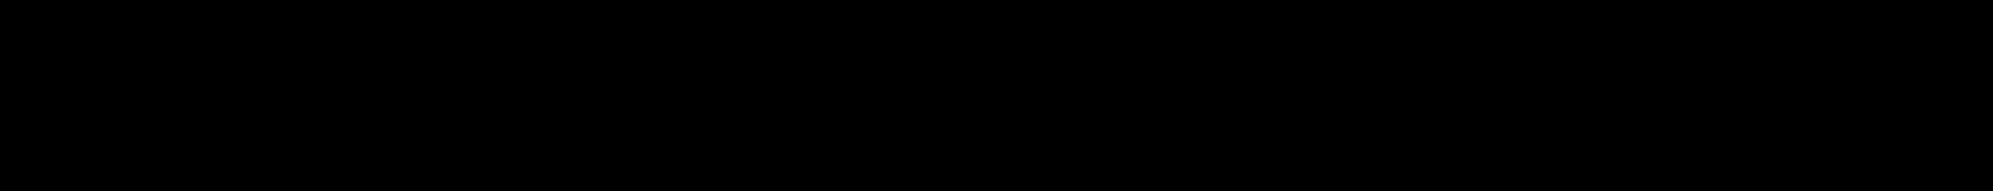 Design System G 900I